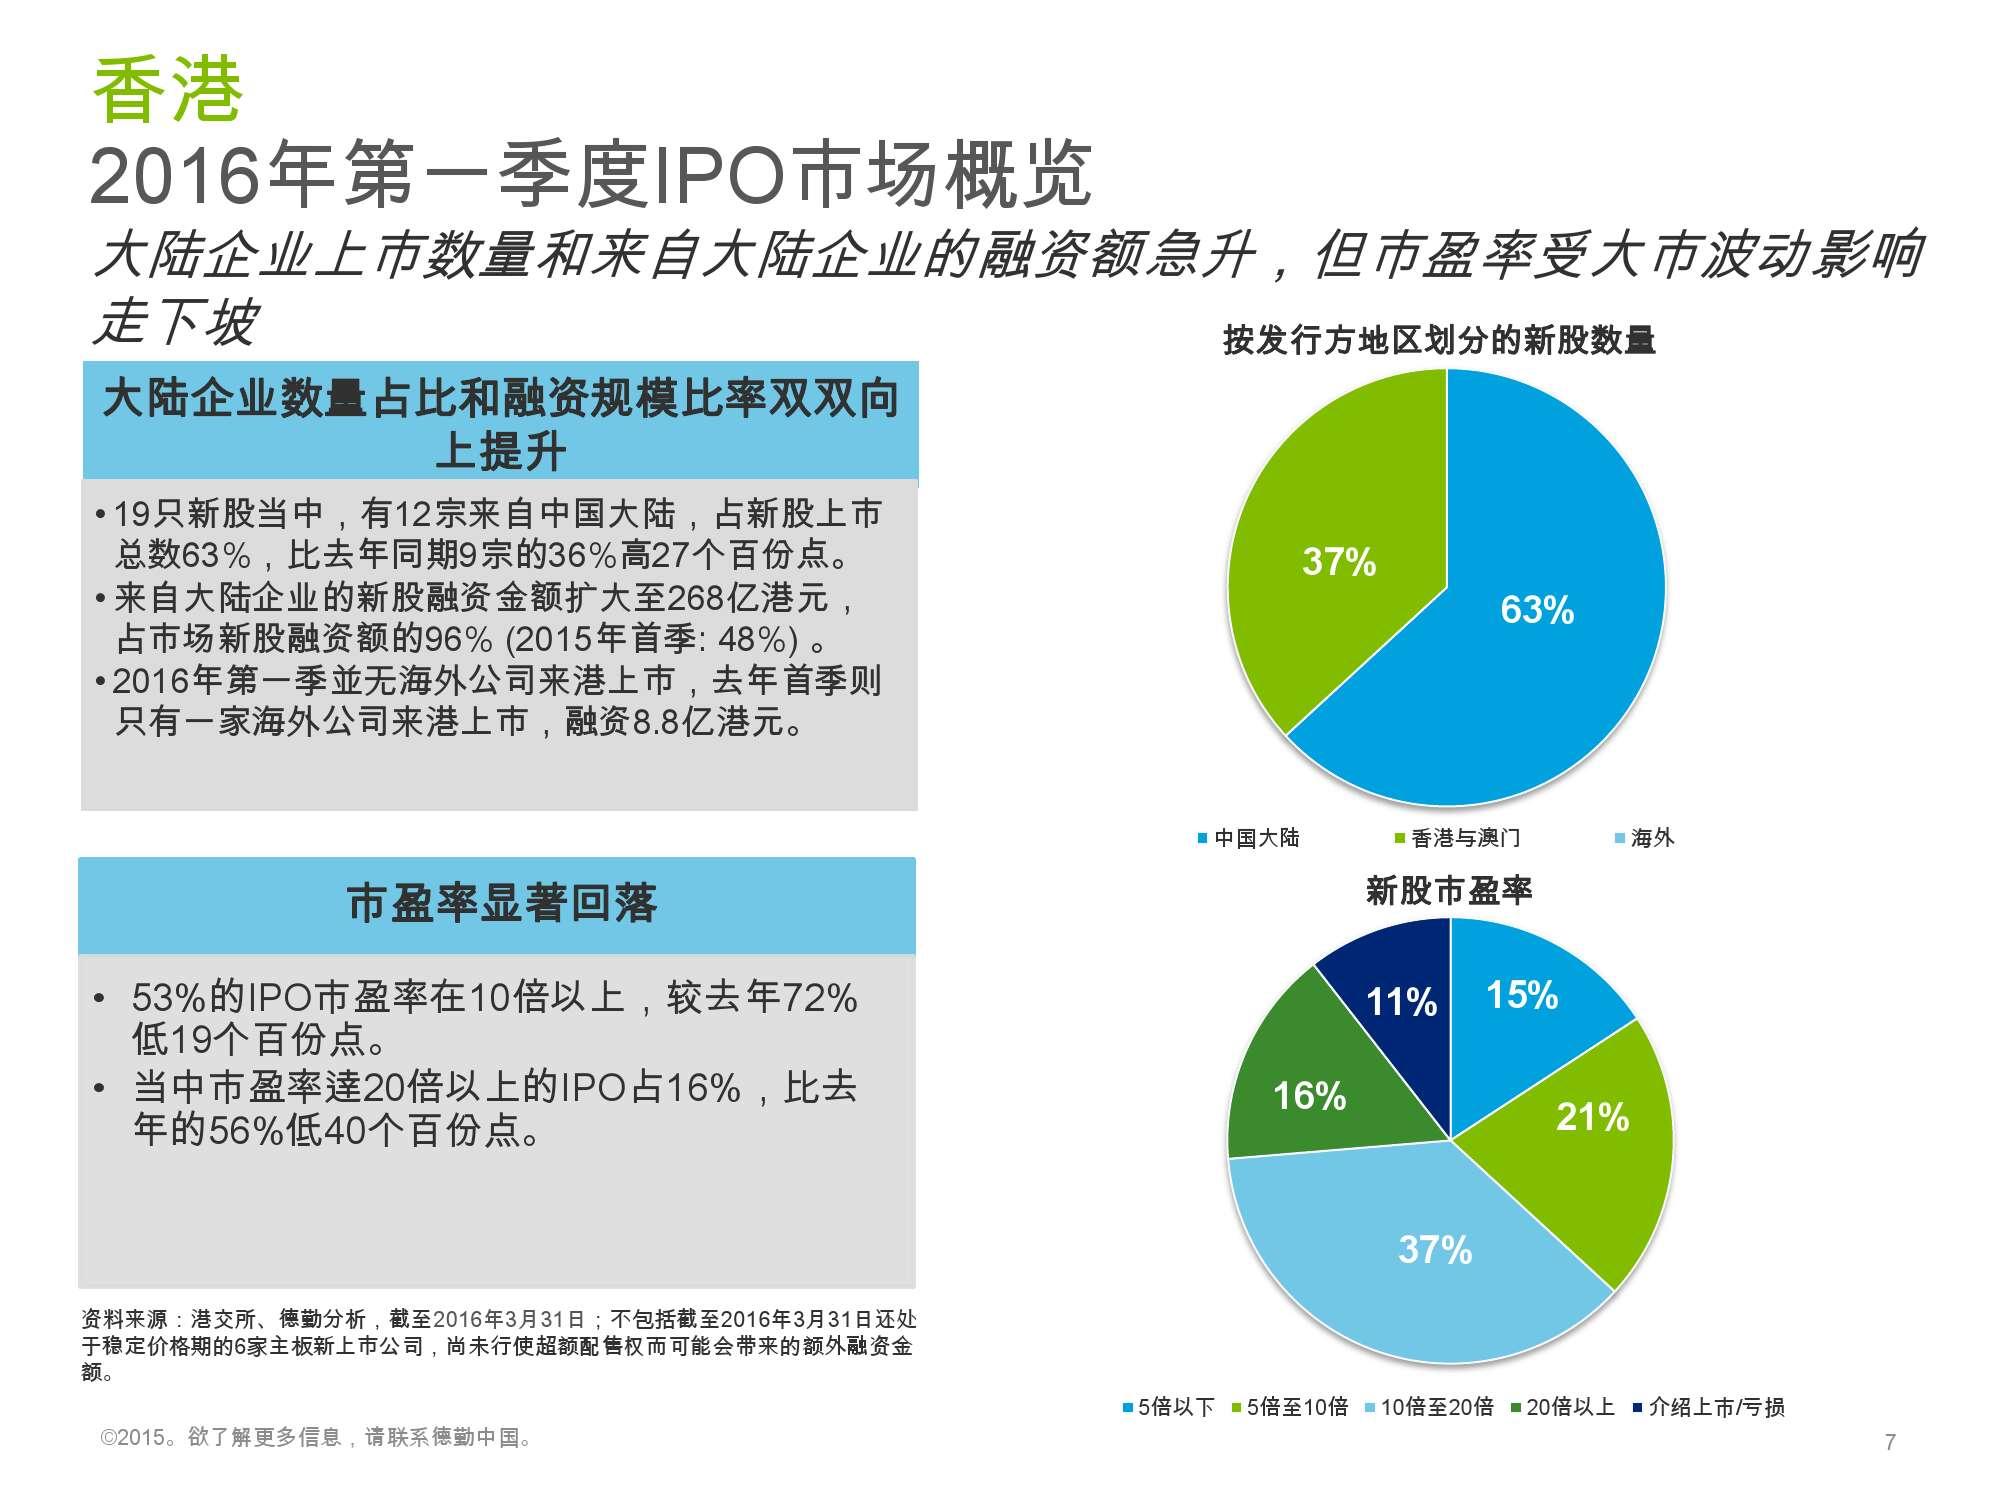 香港及中国大陆IPO市场2016年1季度_000007